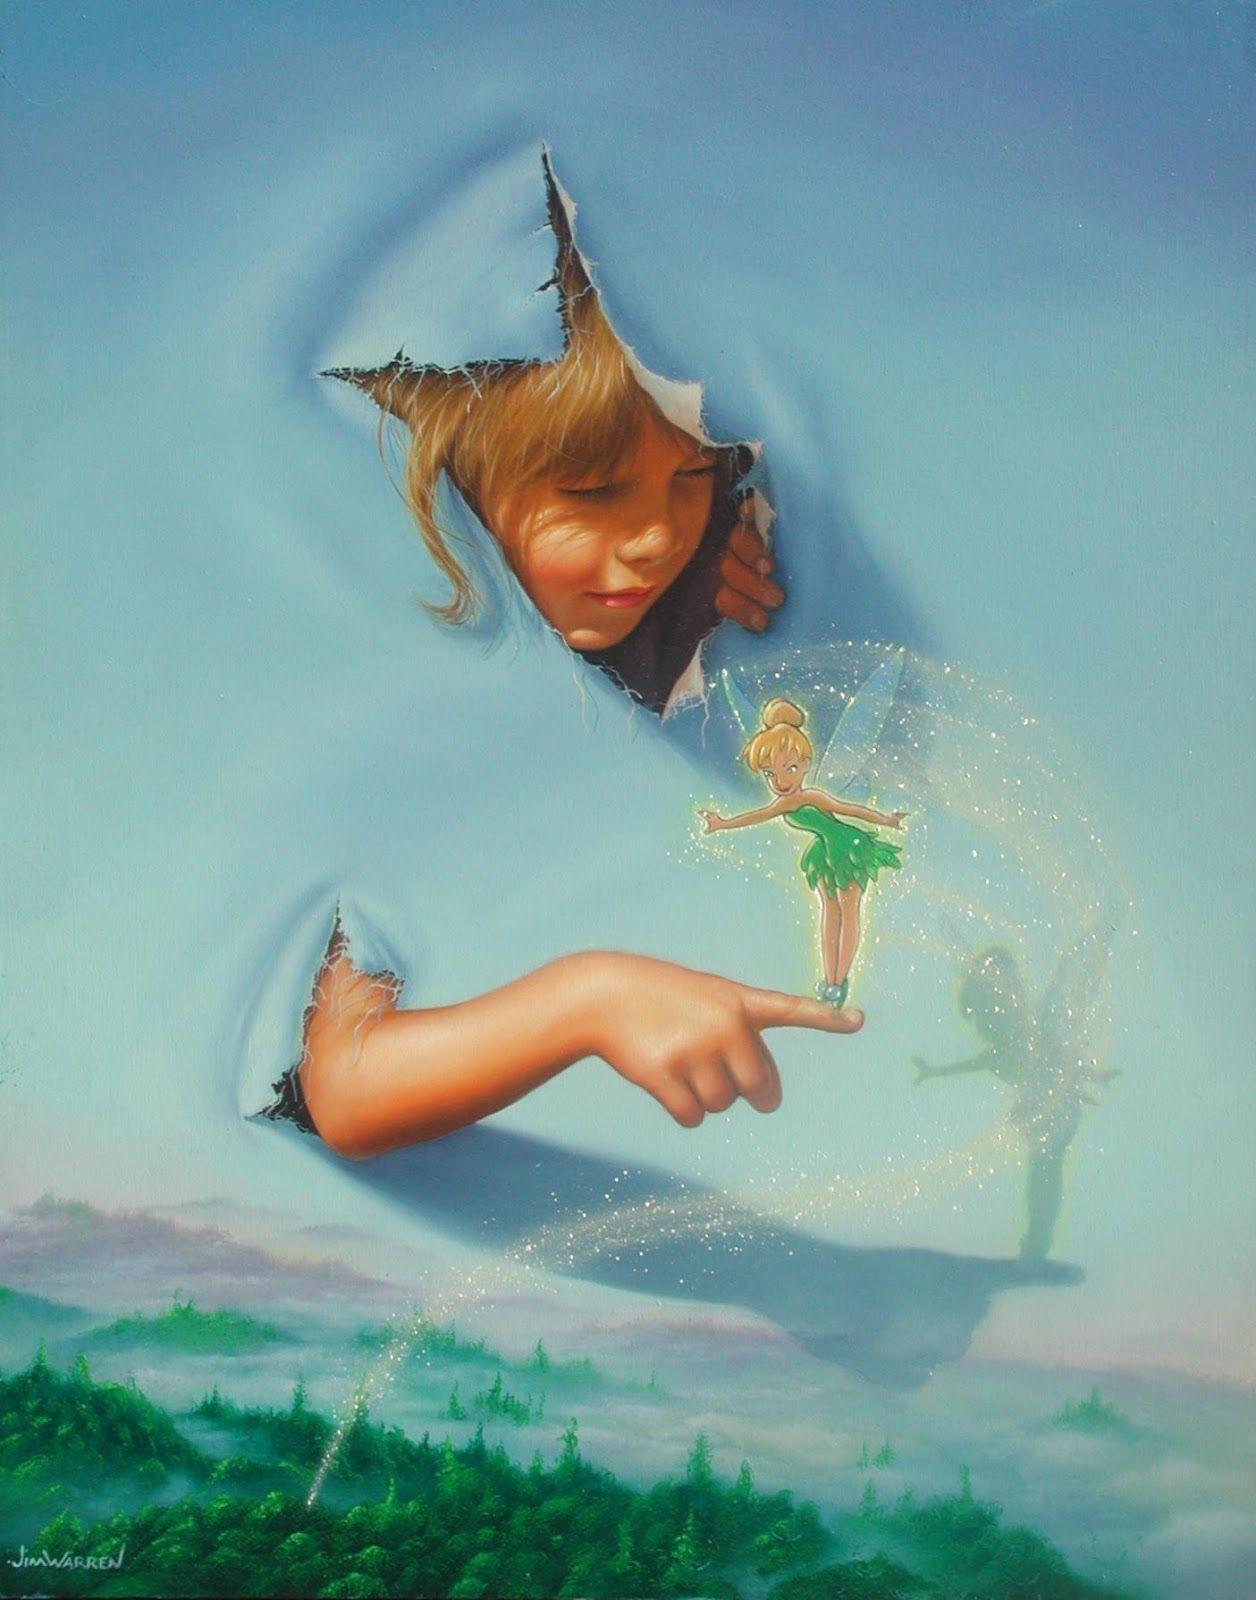 Jim Warren   Pictures to paint, Unusual art, Surreal art